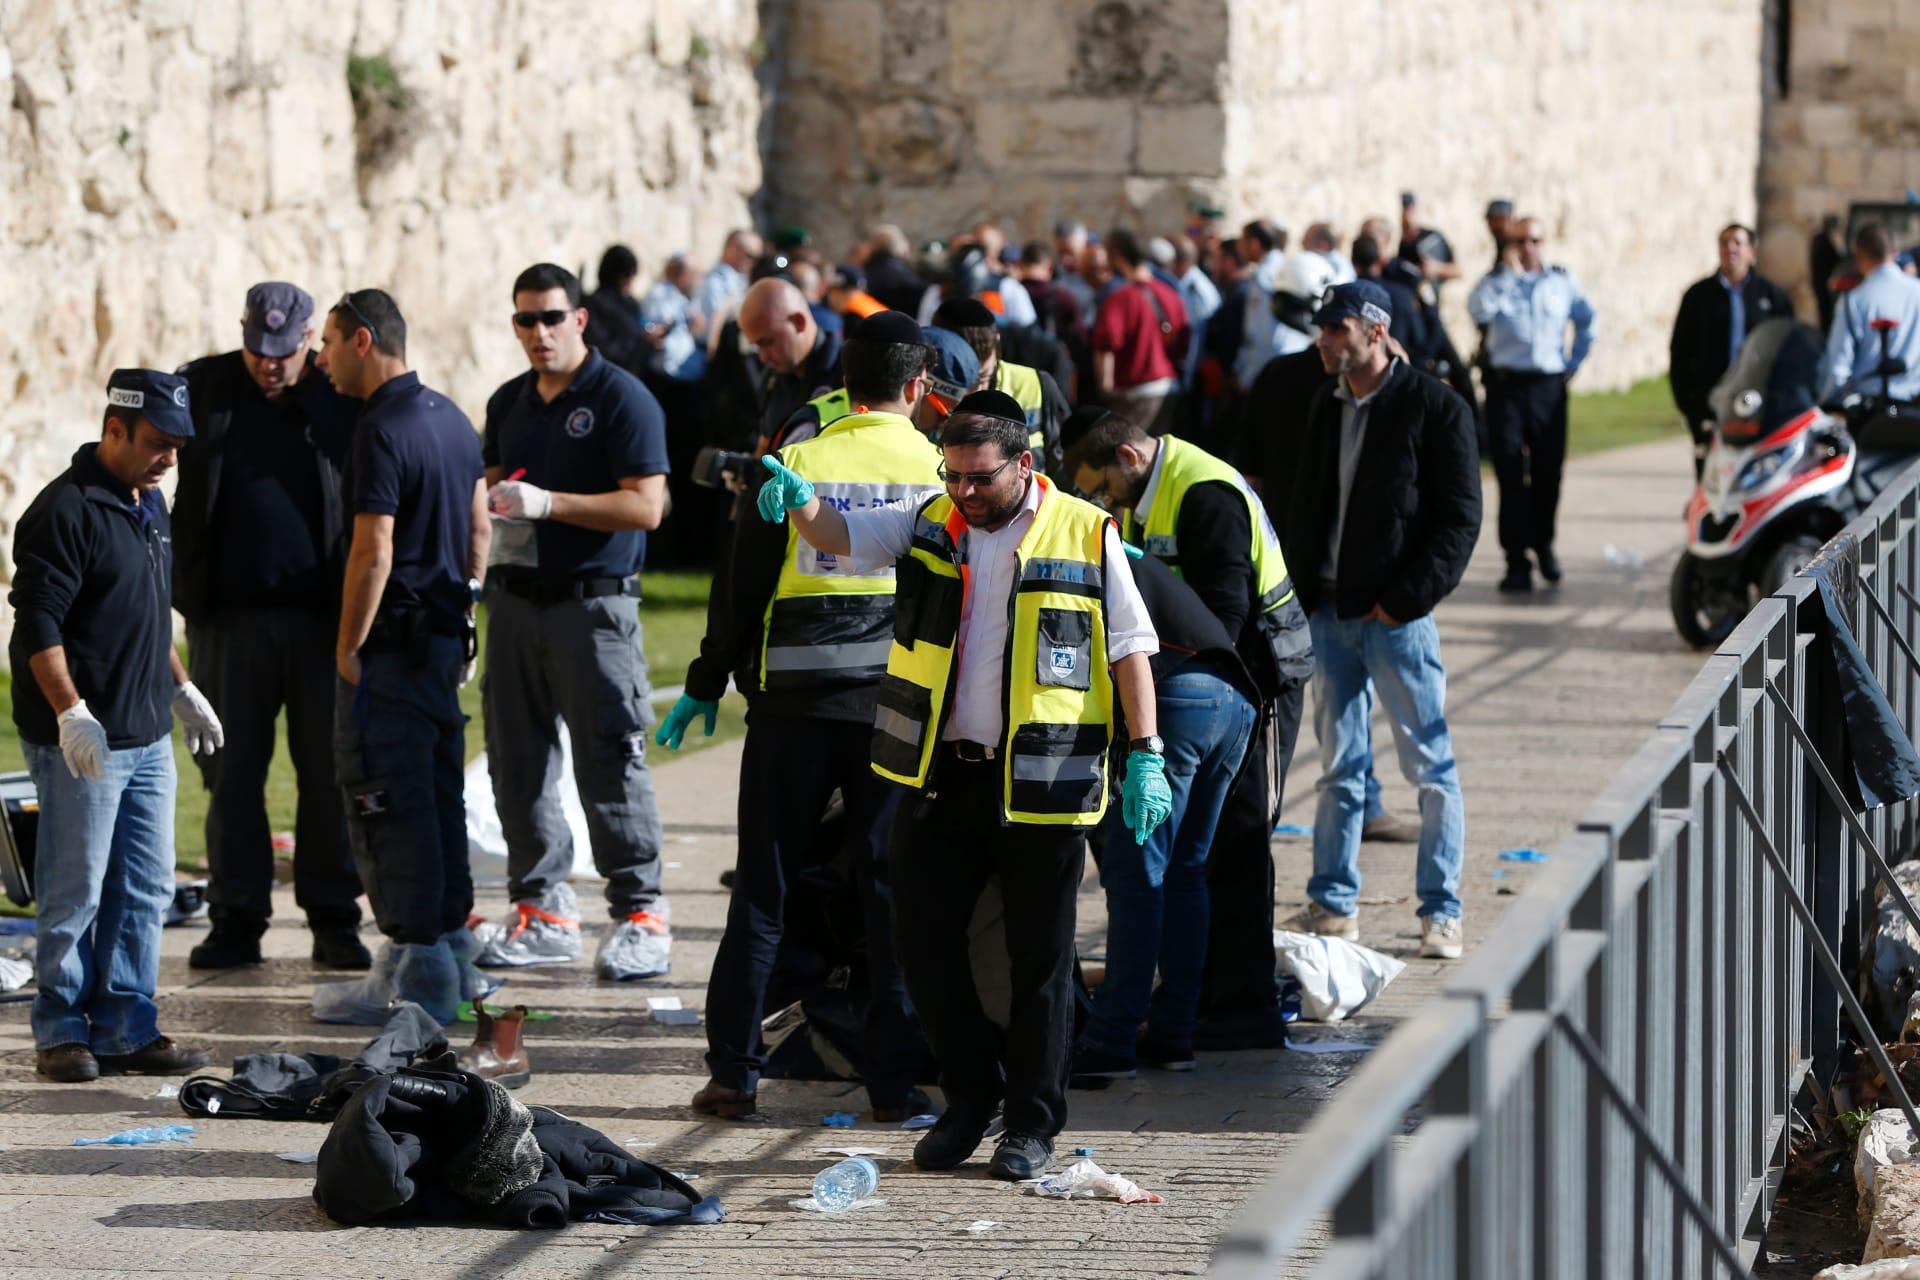 """مقتل إسرائيليين وفلسطينيين نتيجة """"هجوم طعن"""".. والكشف عن """"شبكة حمساوية"""" بالقدس"""